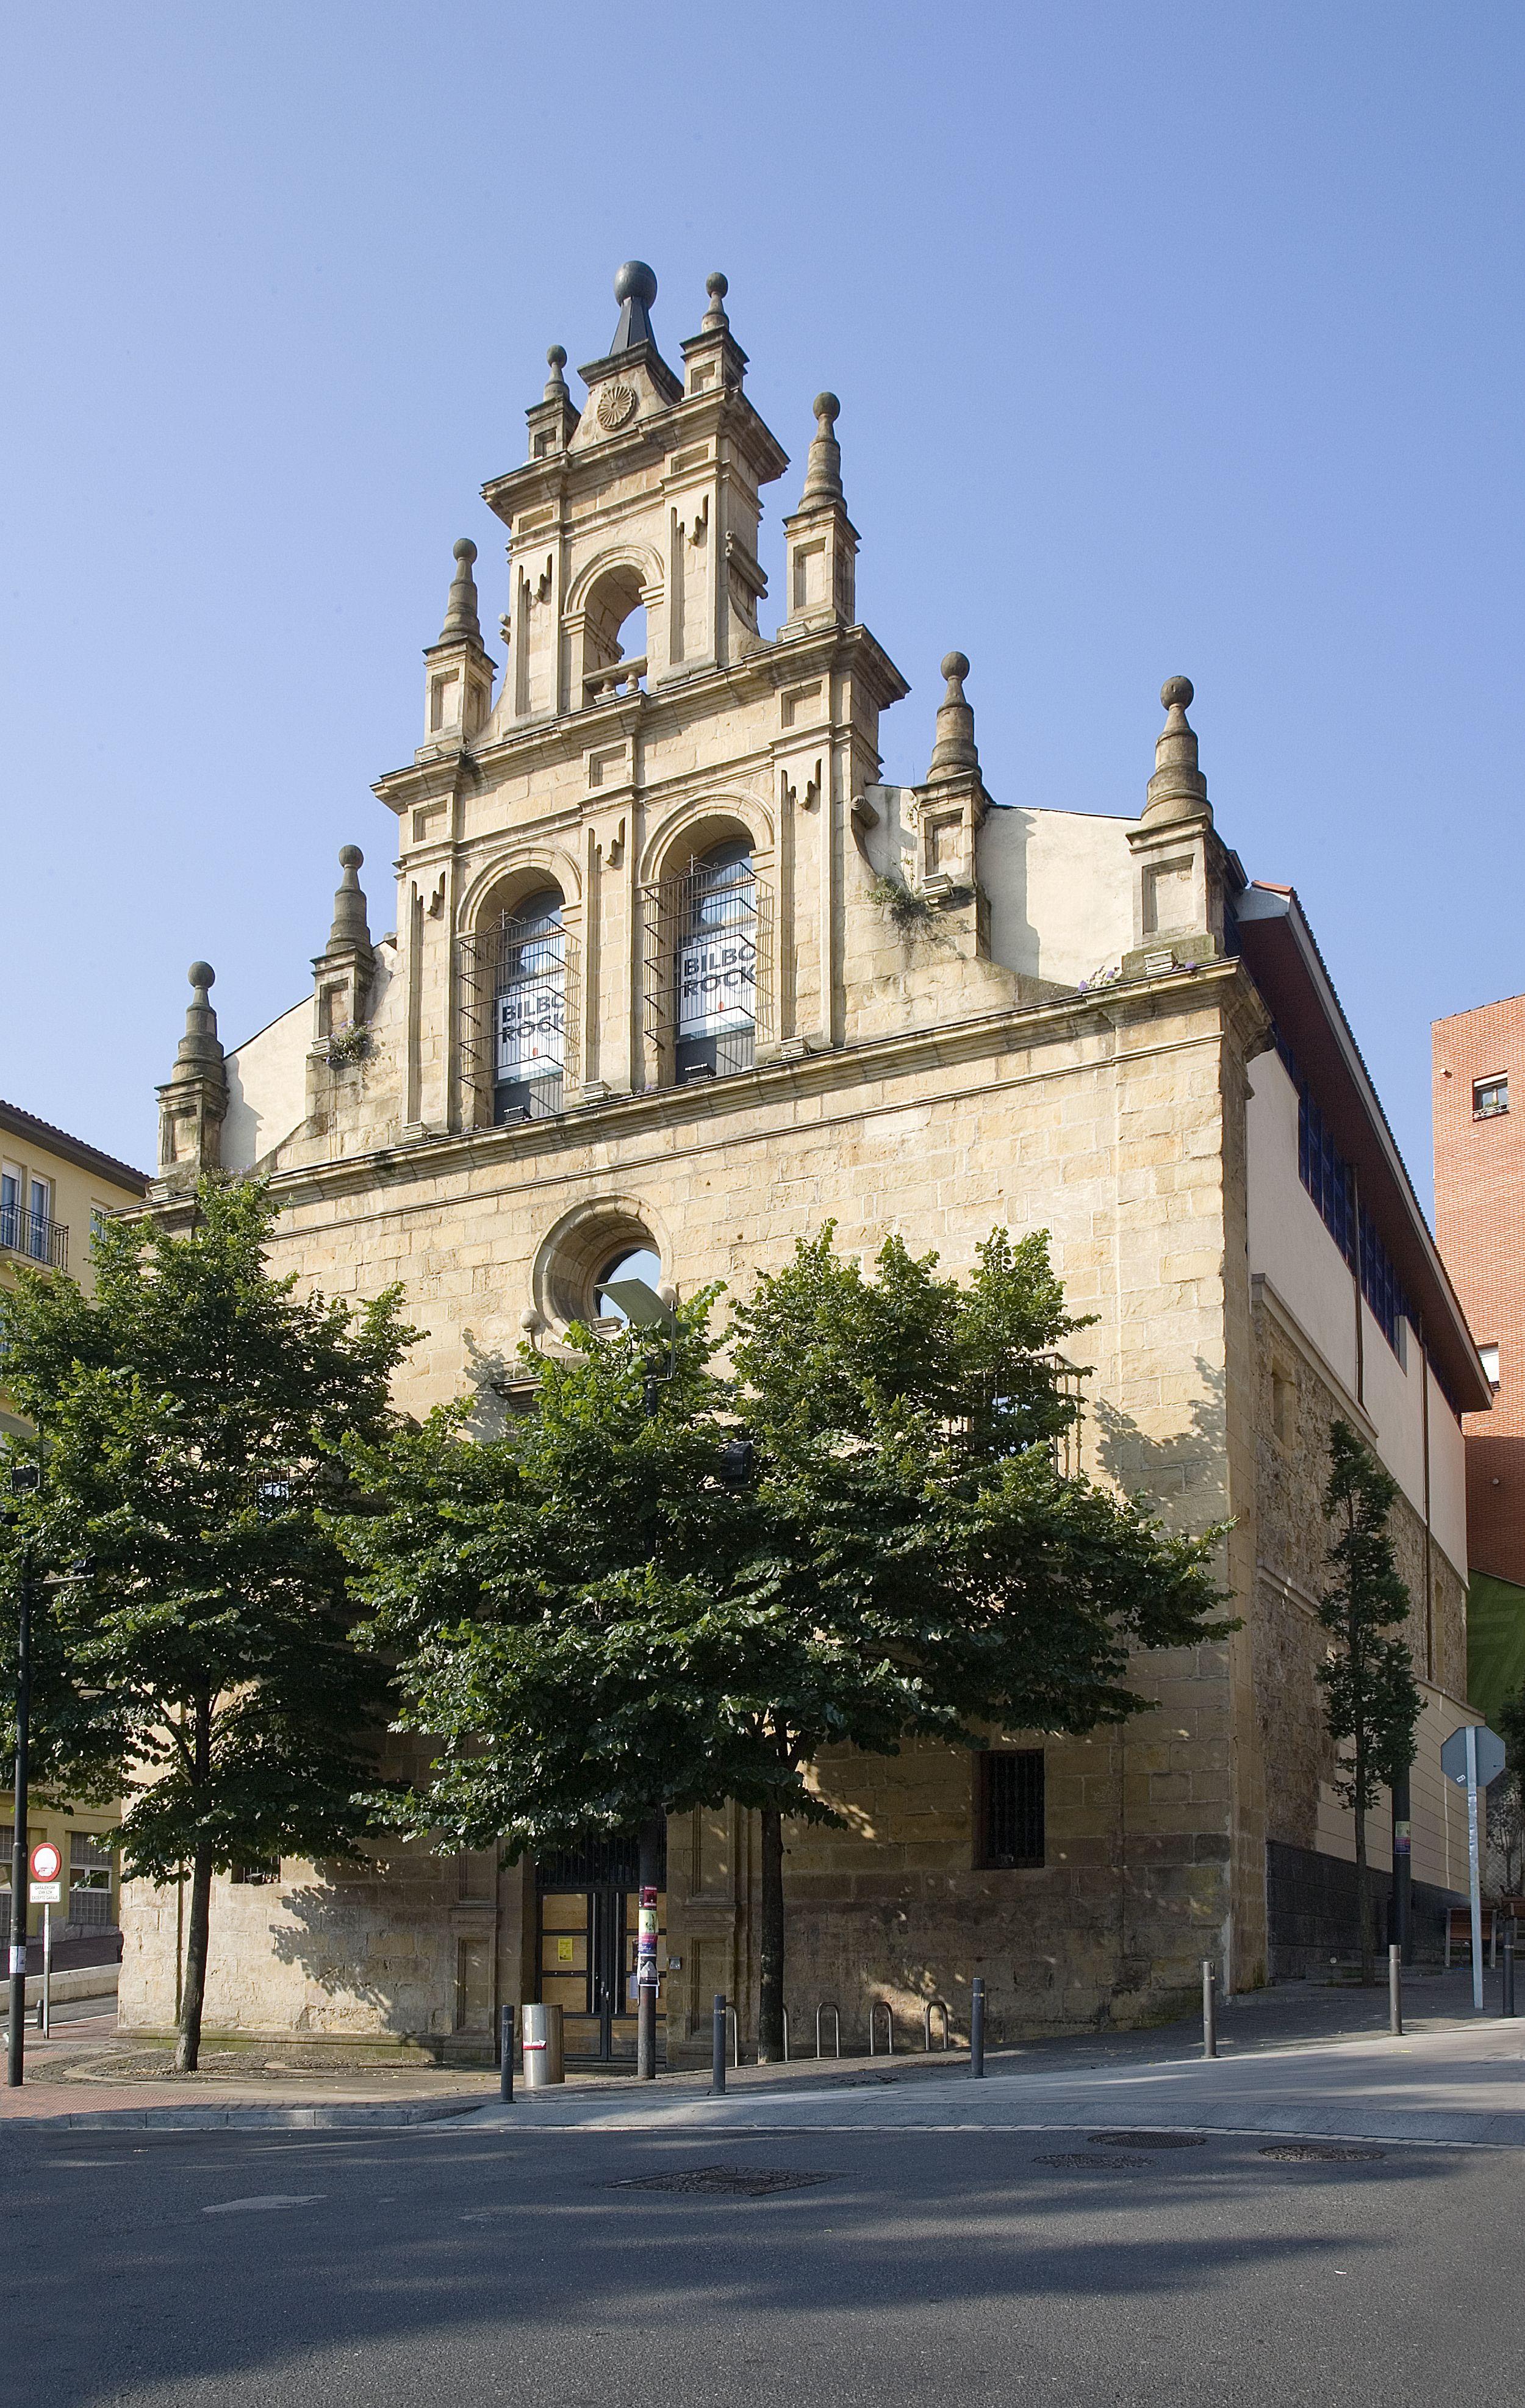 Pin de insignia rehabilitaci n y arquitectura en arquitectura religiosa vasca pinterest pa s - Arquitectura pais vasco ...